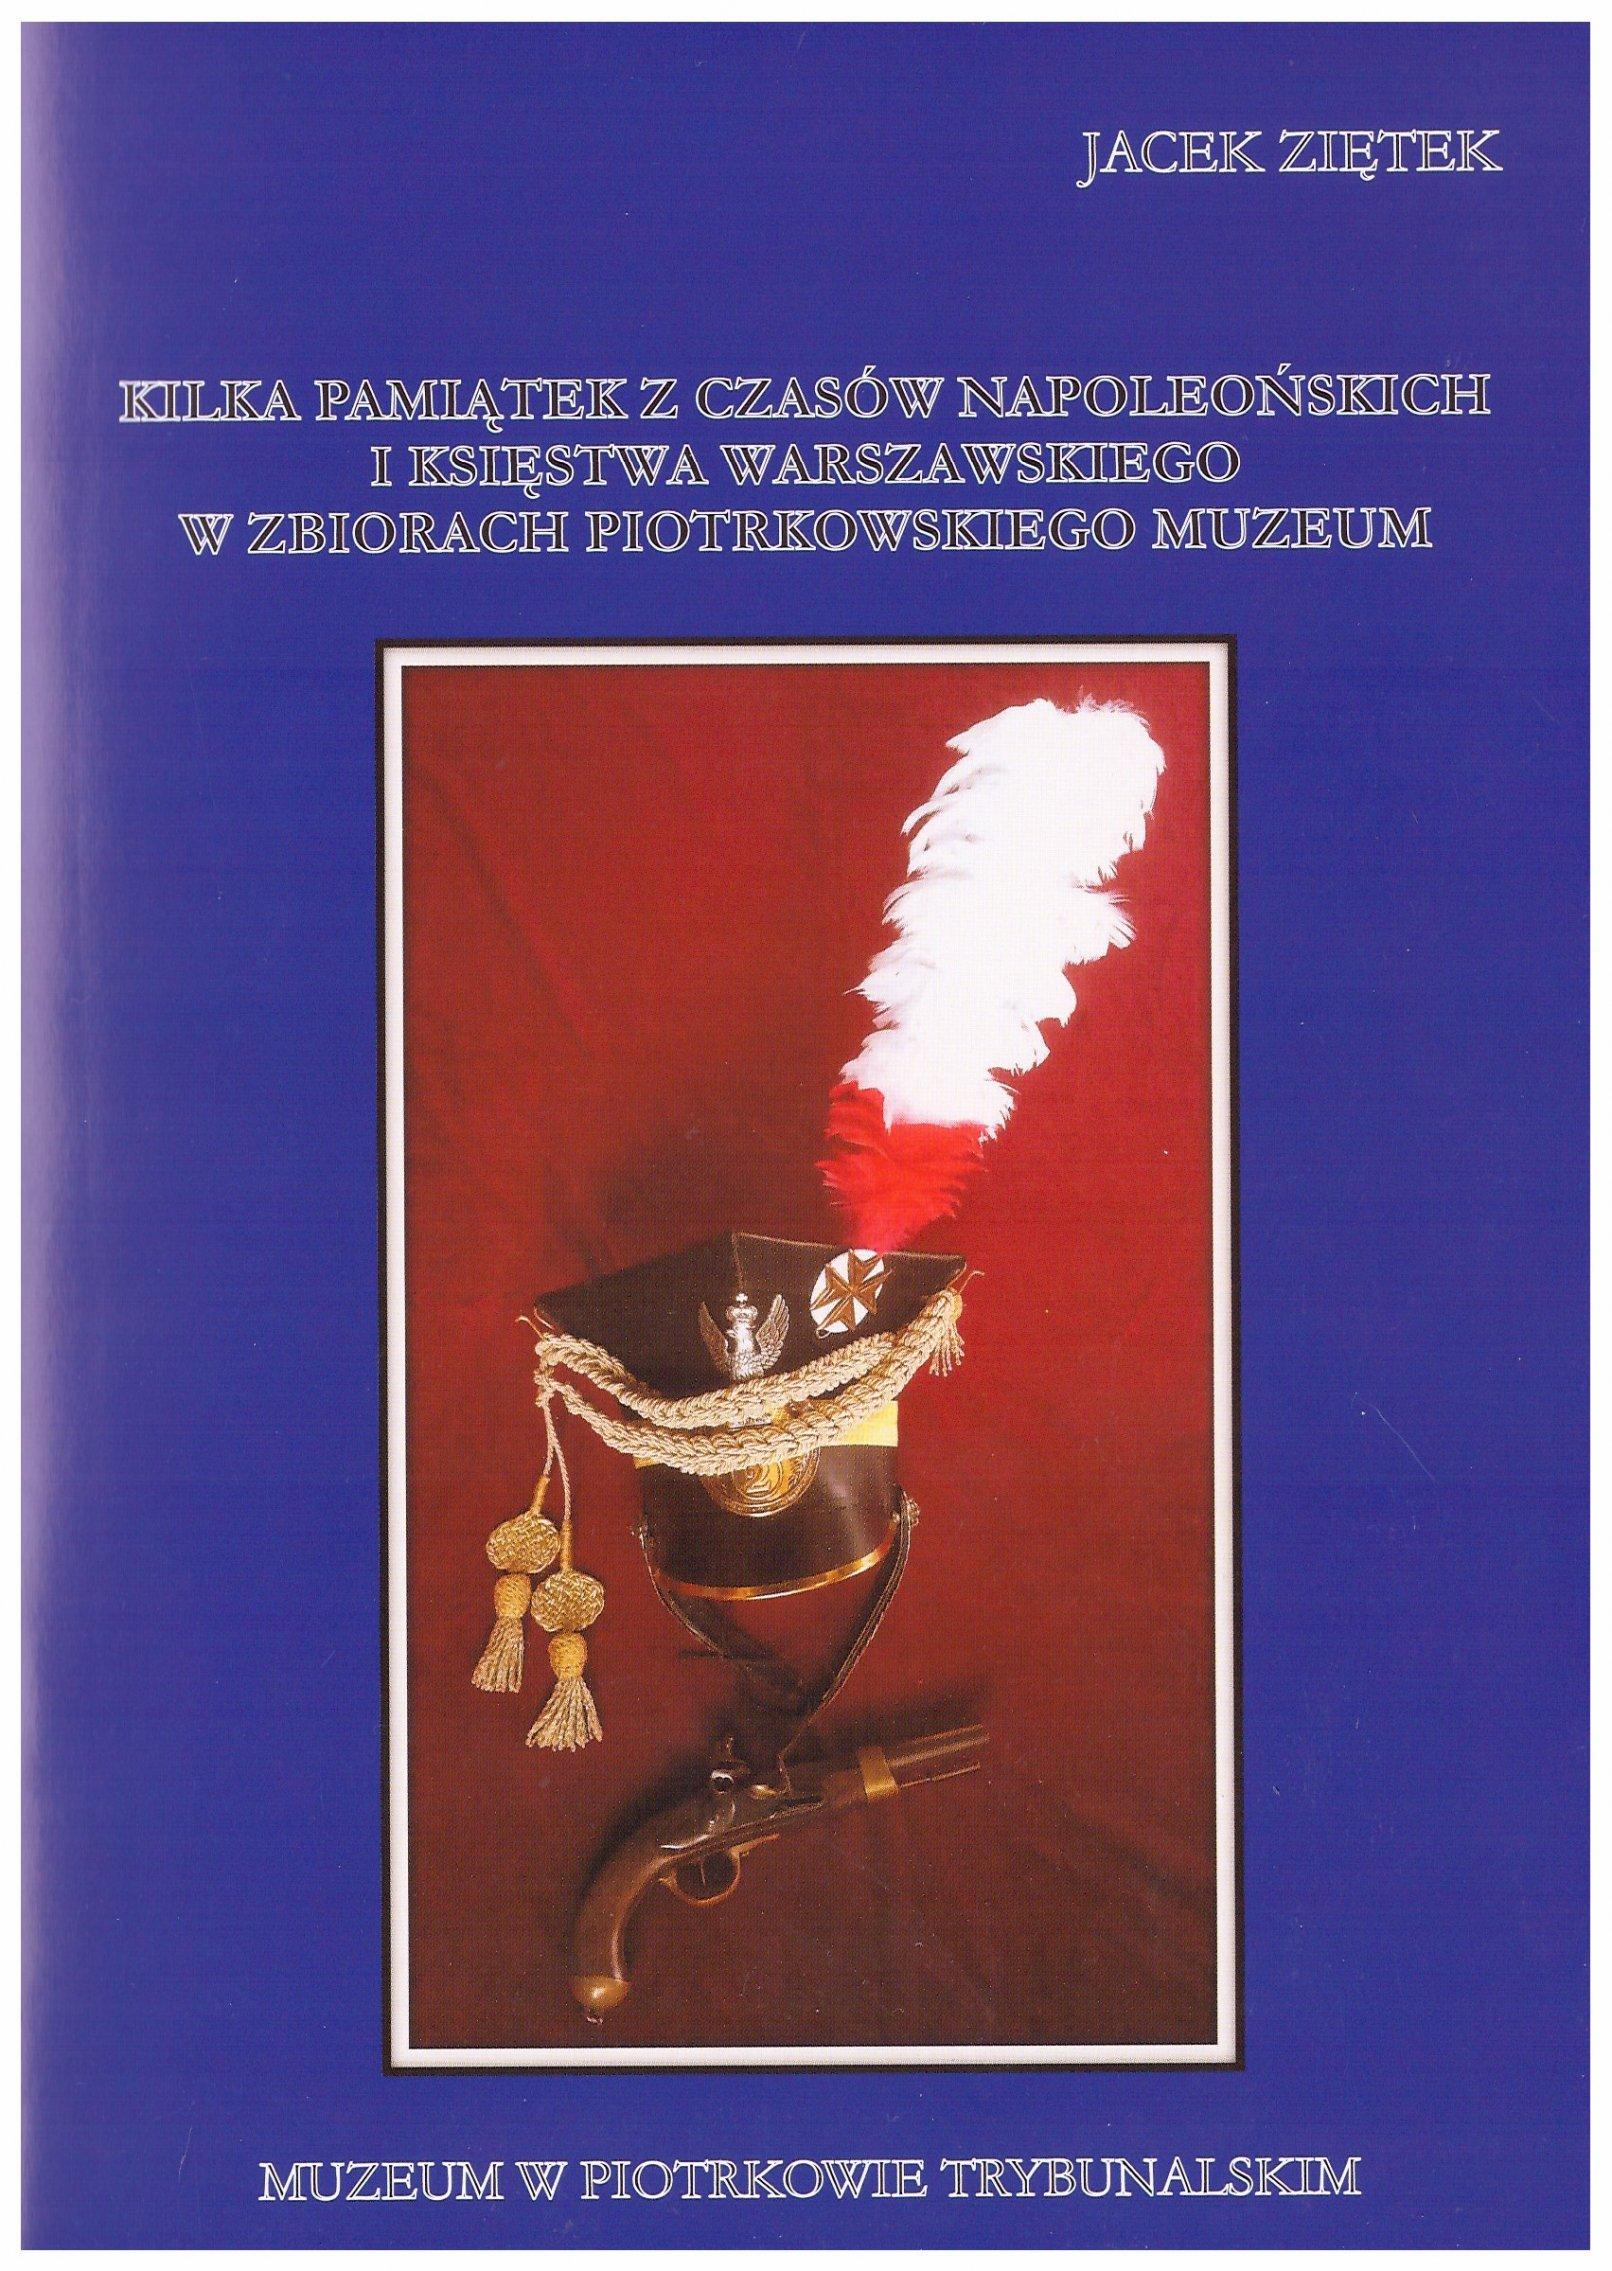 Księstwo Warszawskie pamiątki ze zbioru muzeum